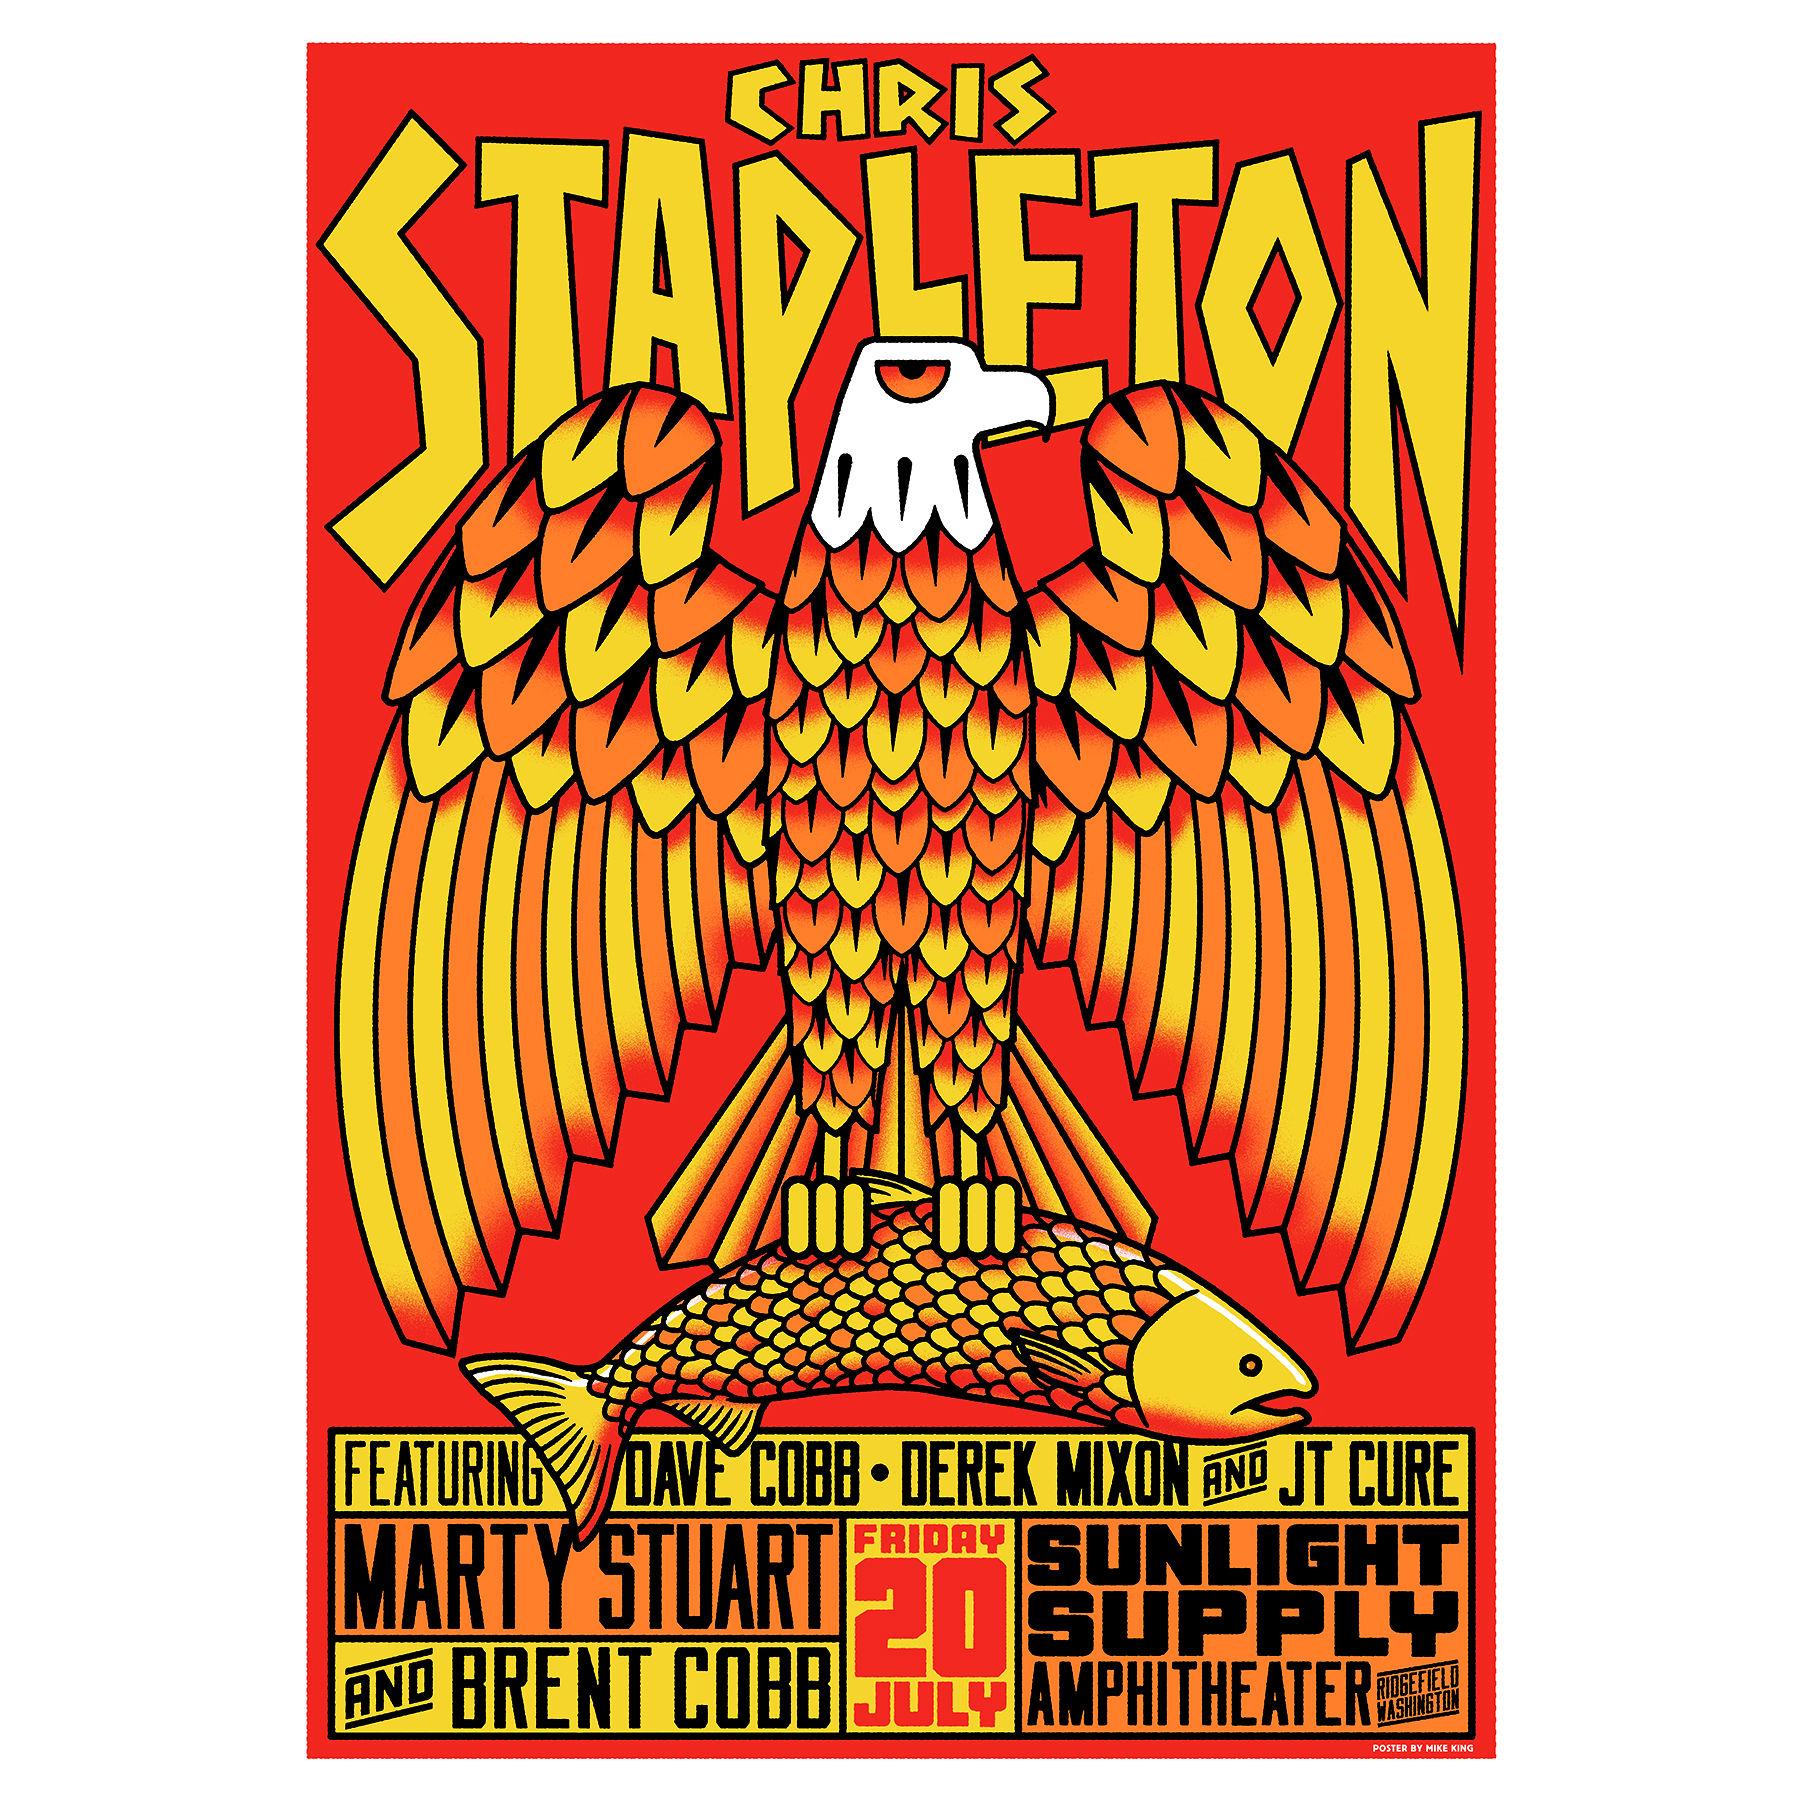 Chris Stapleton Show Poster – Ridgefield, WA 7/20/18